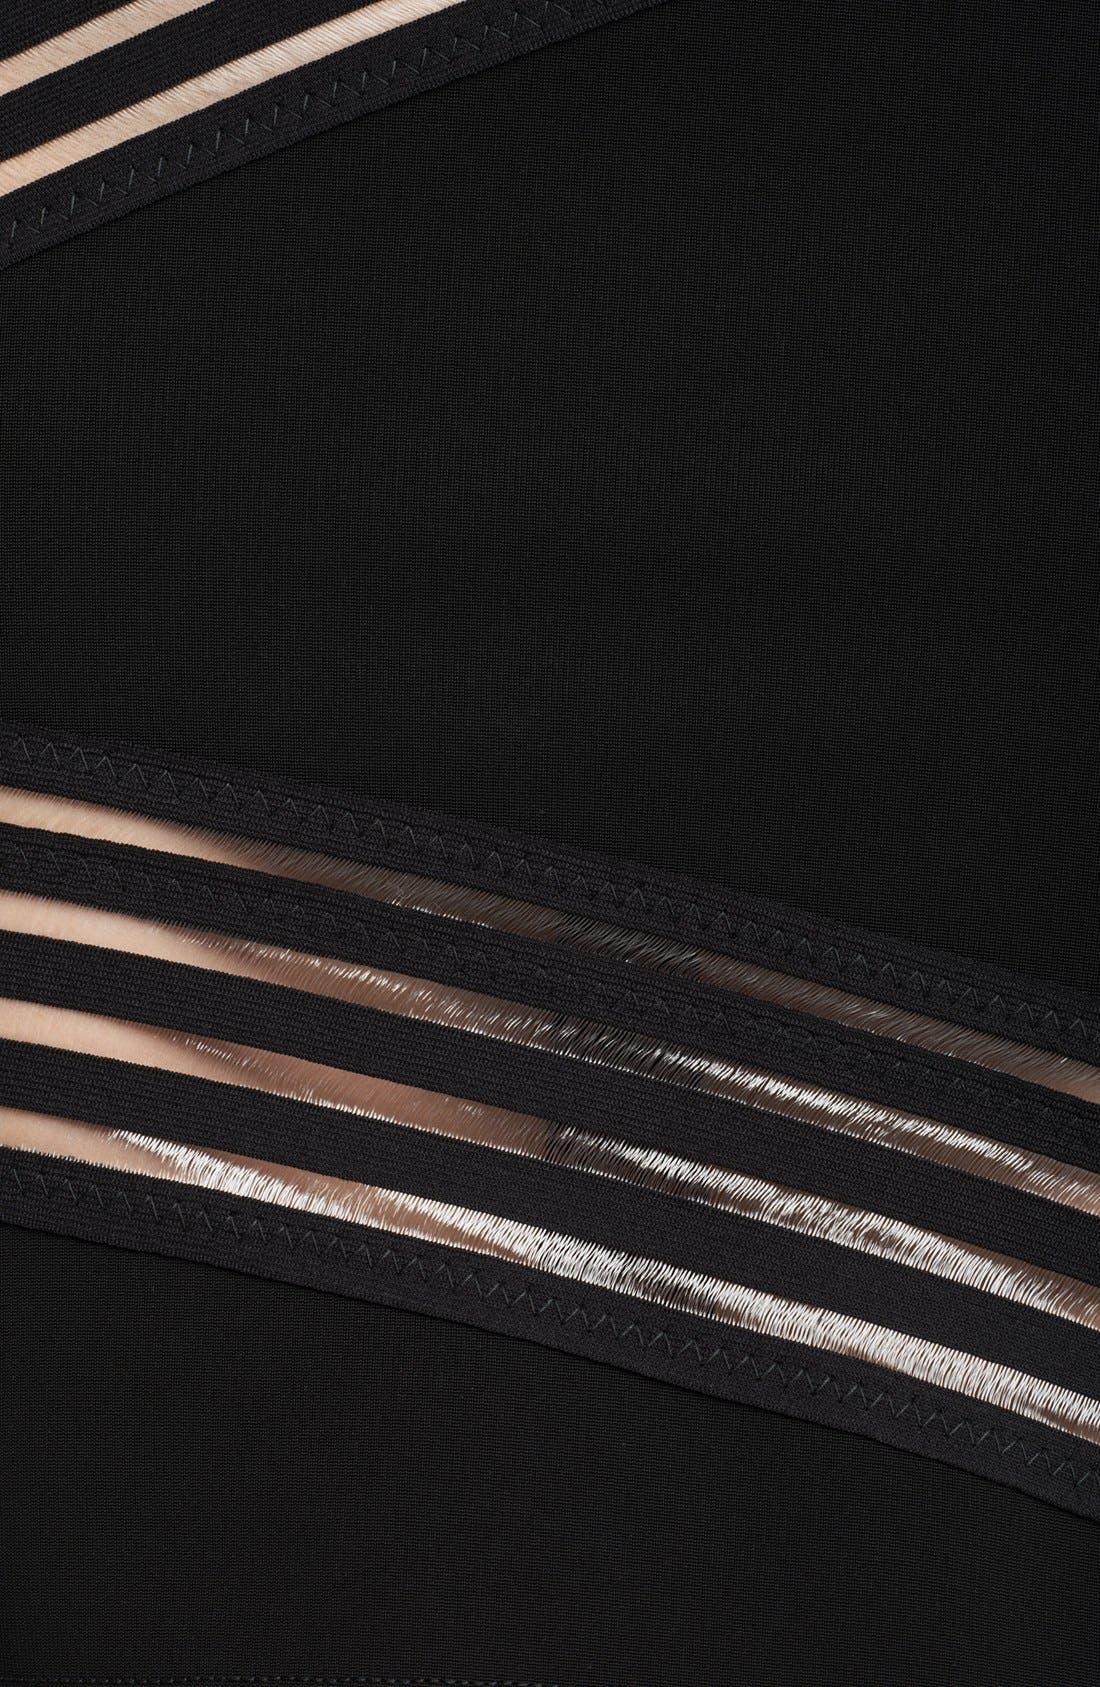 Alternate Image 3  - Christopher Kane Tape Detail Pencil Skirt